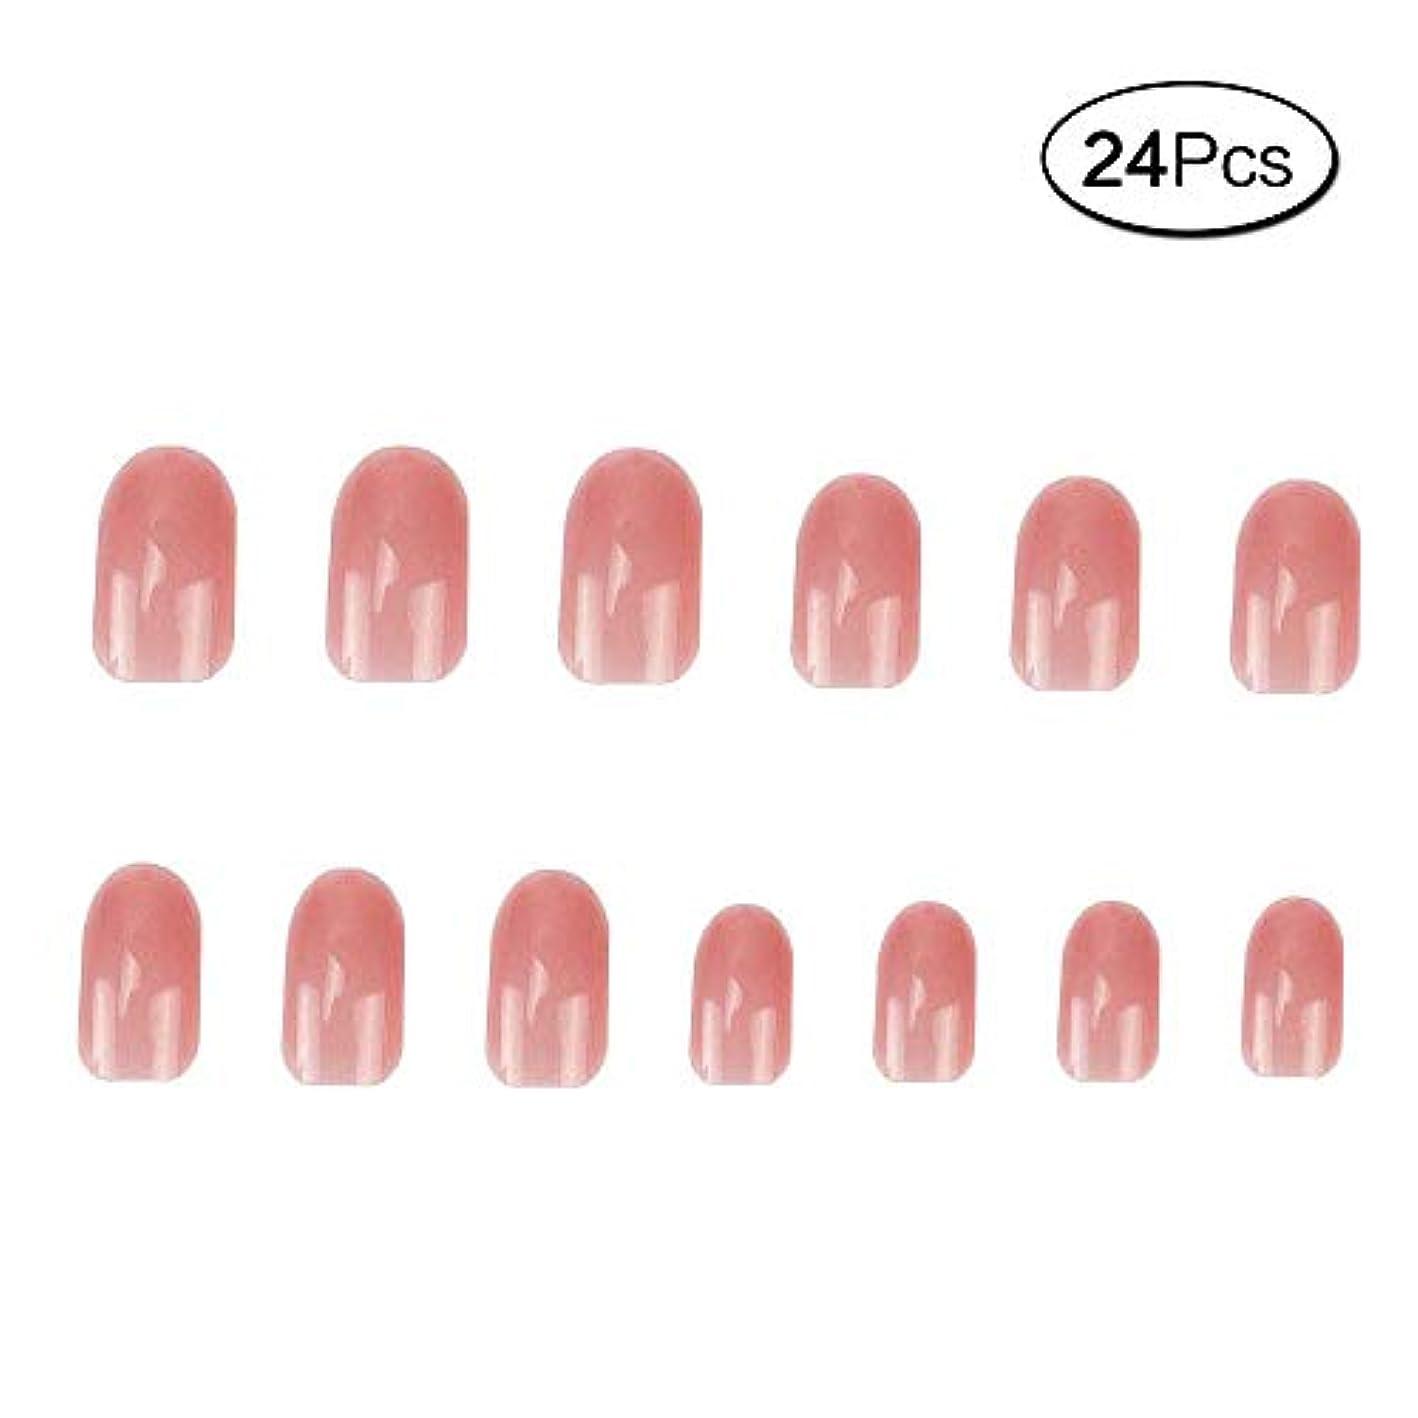 戻すデザート確保する24 個 ネイルチップ 夏の 無地 透明 ゼリー ピンク 可愛い ウェディング ブライダル